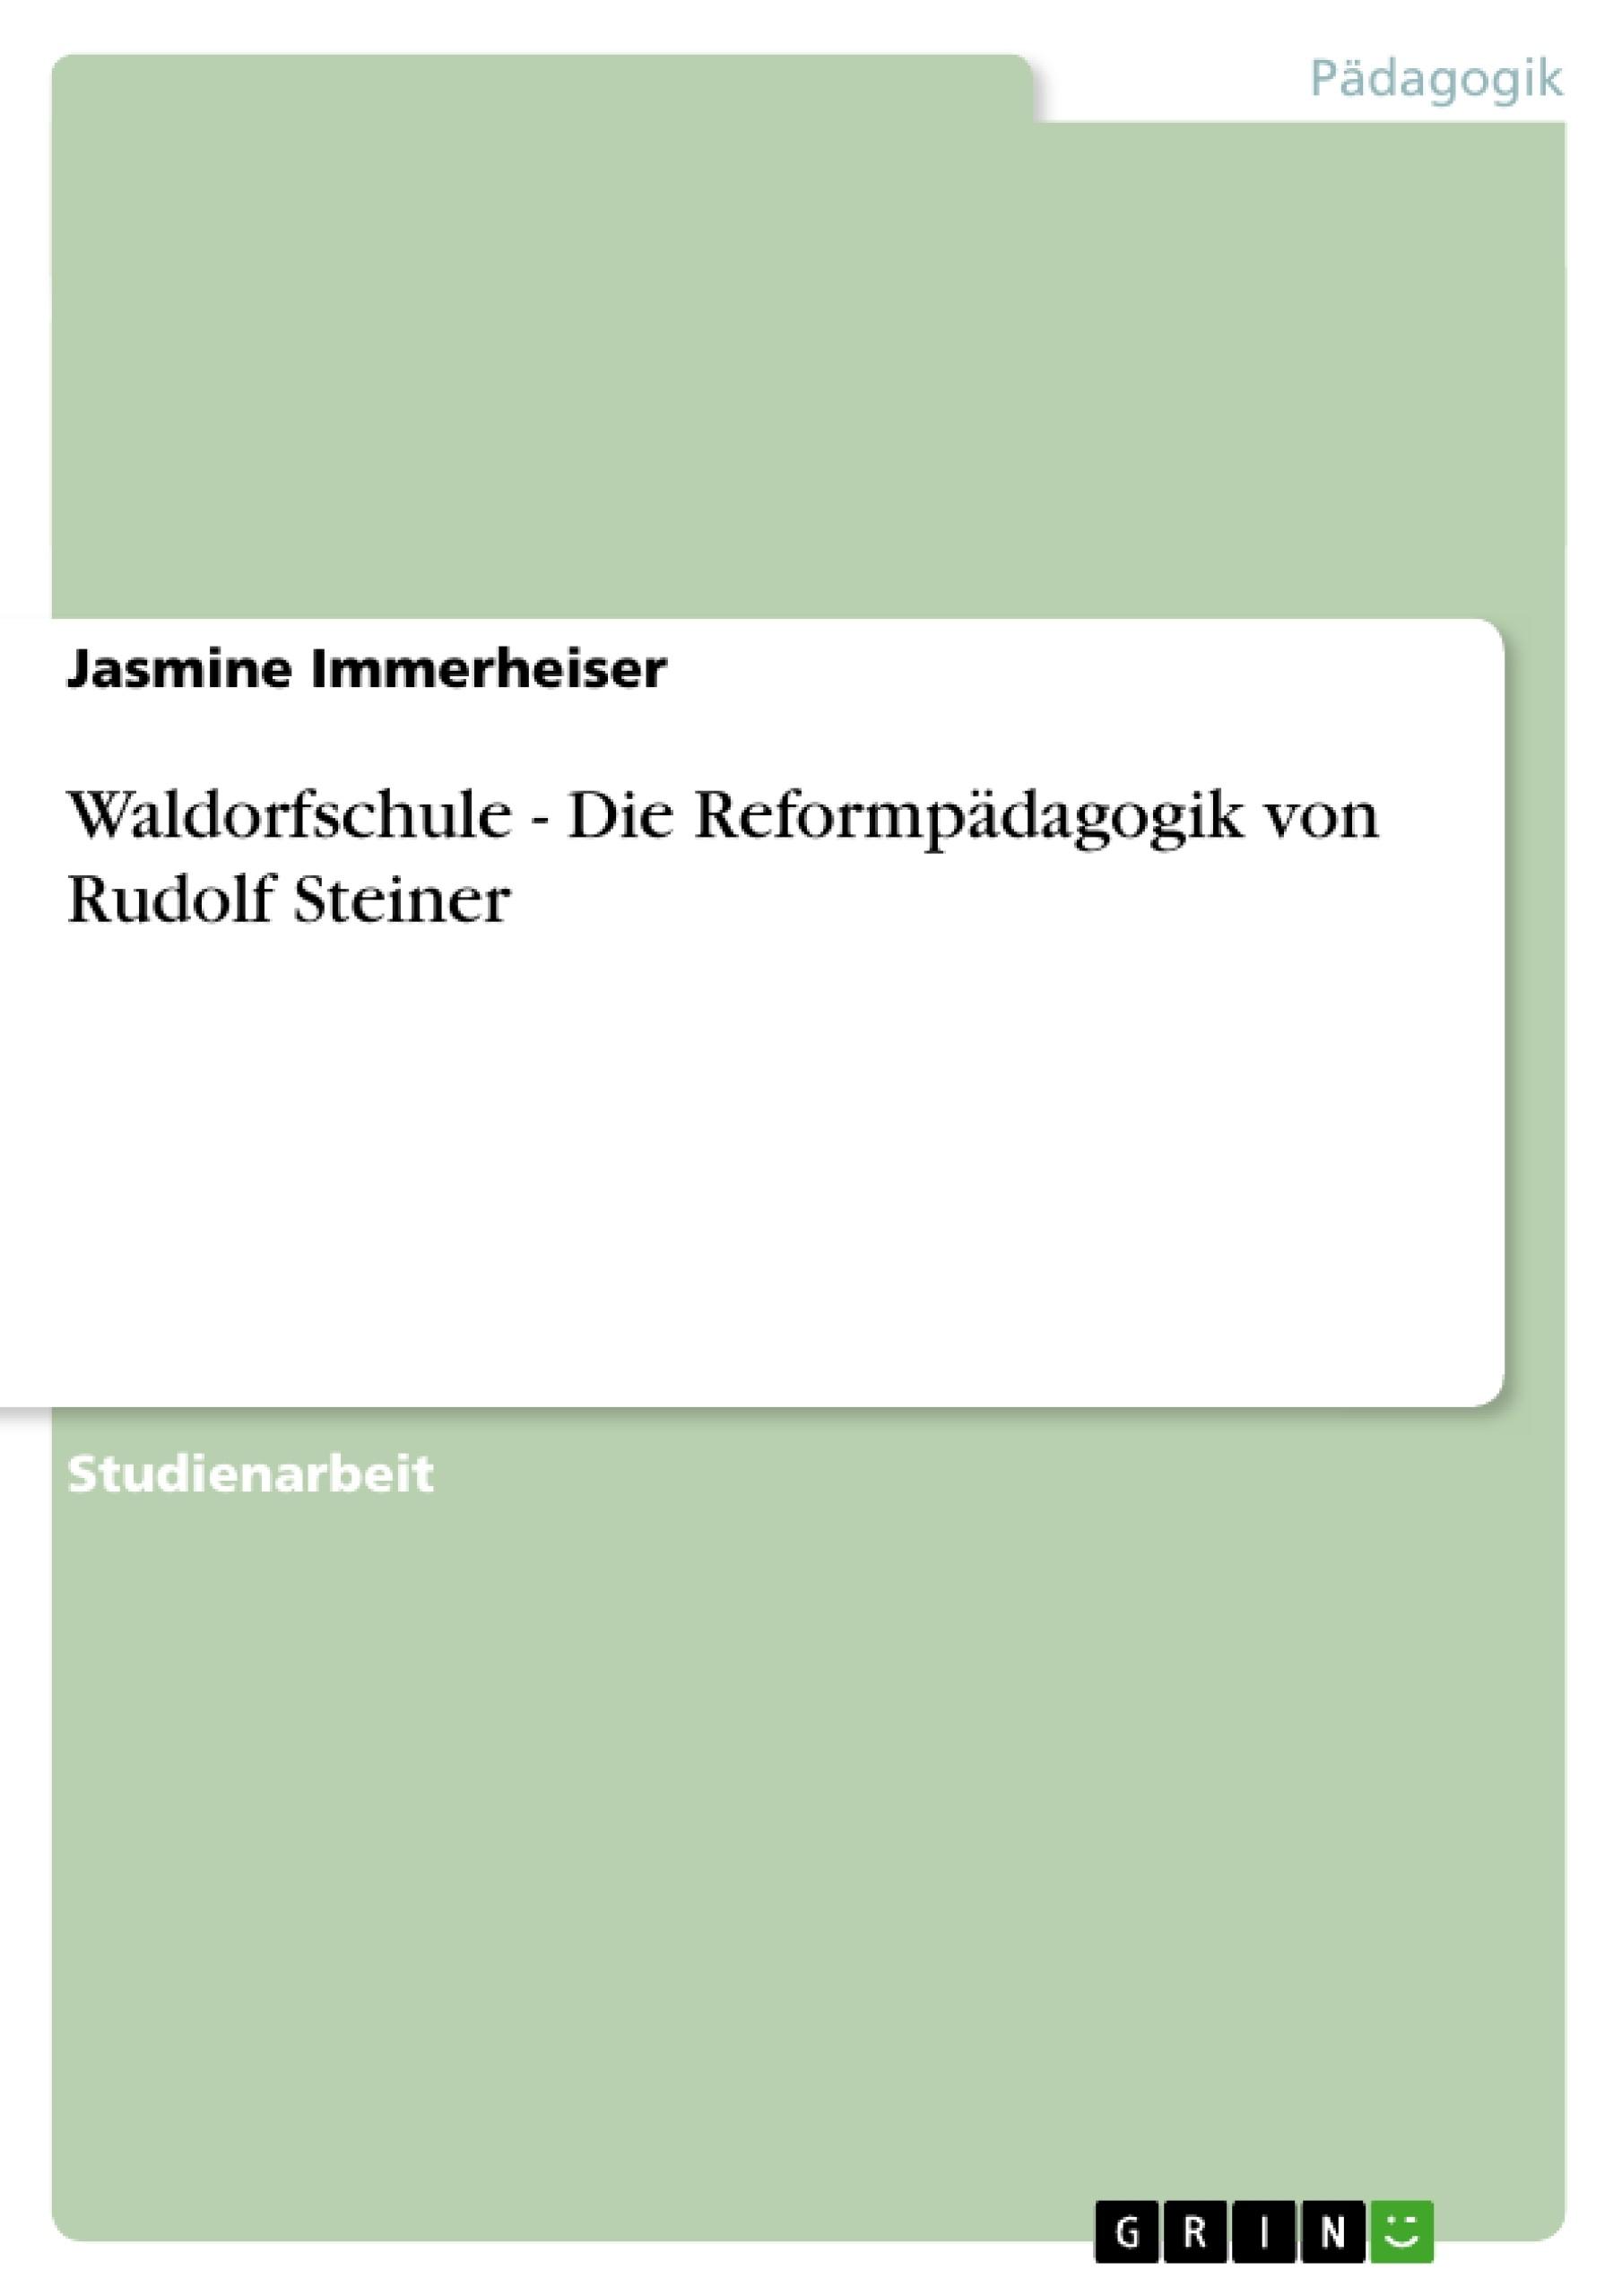 Titel: Waldorfschule - Die Reformpädagogik von Rudolf Steiner